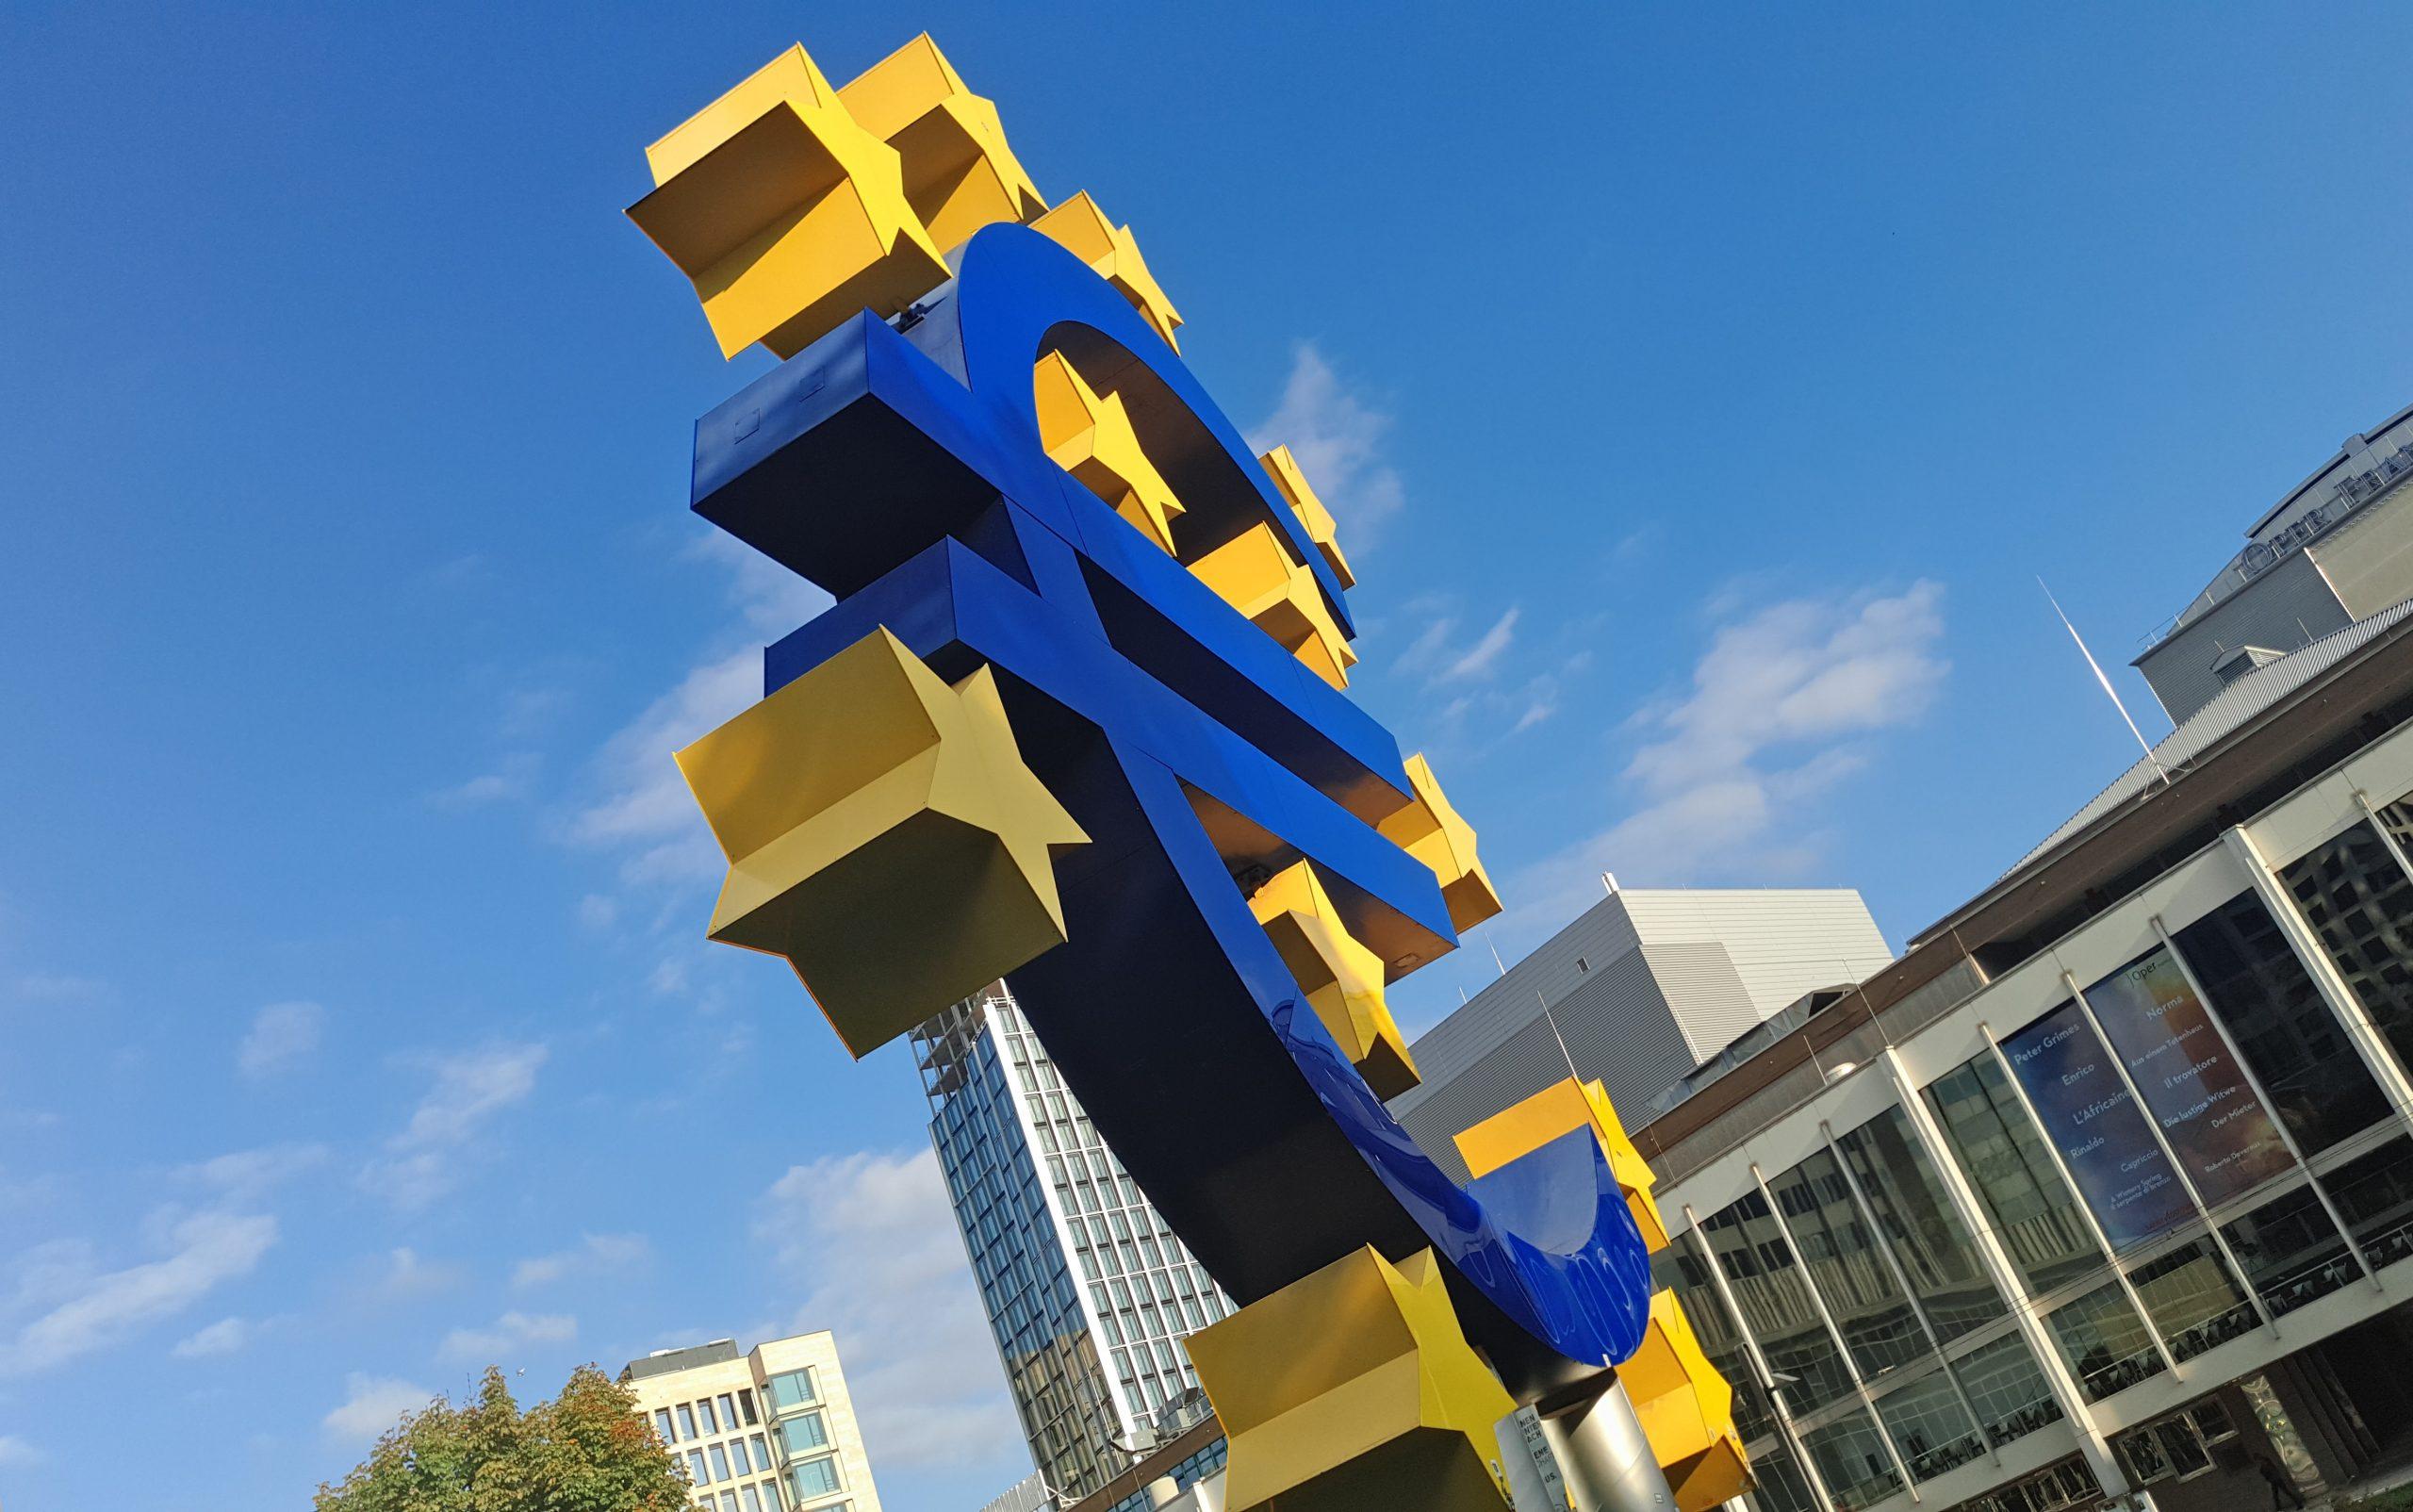 ECB uverejnila svoju prvú správu o finančnej stabilite z roku 2020